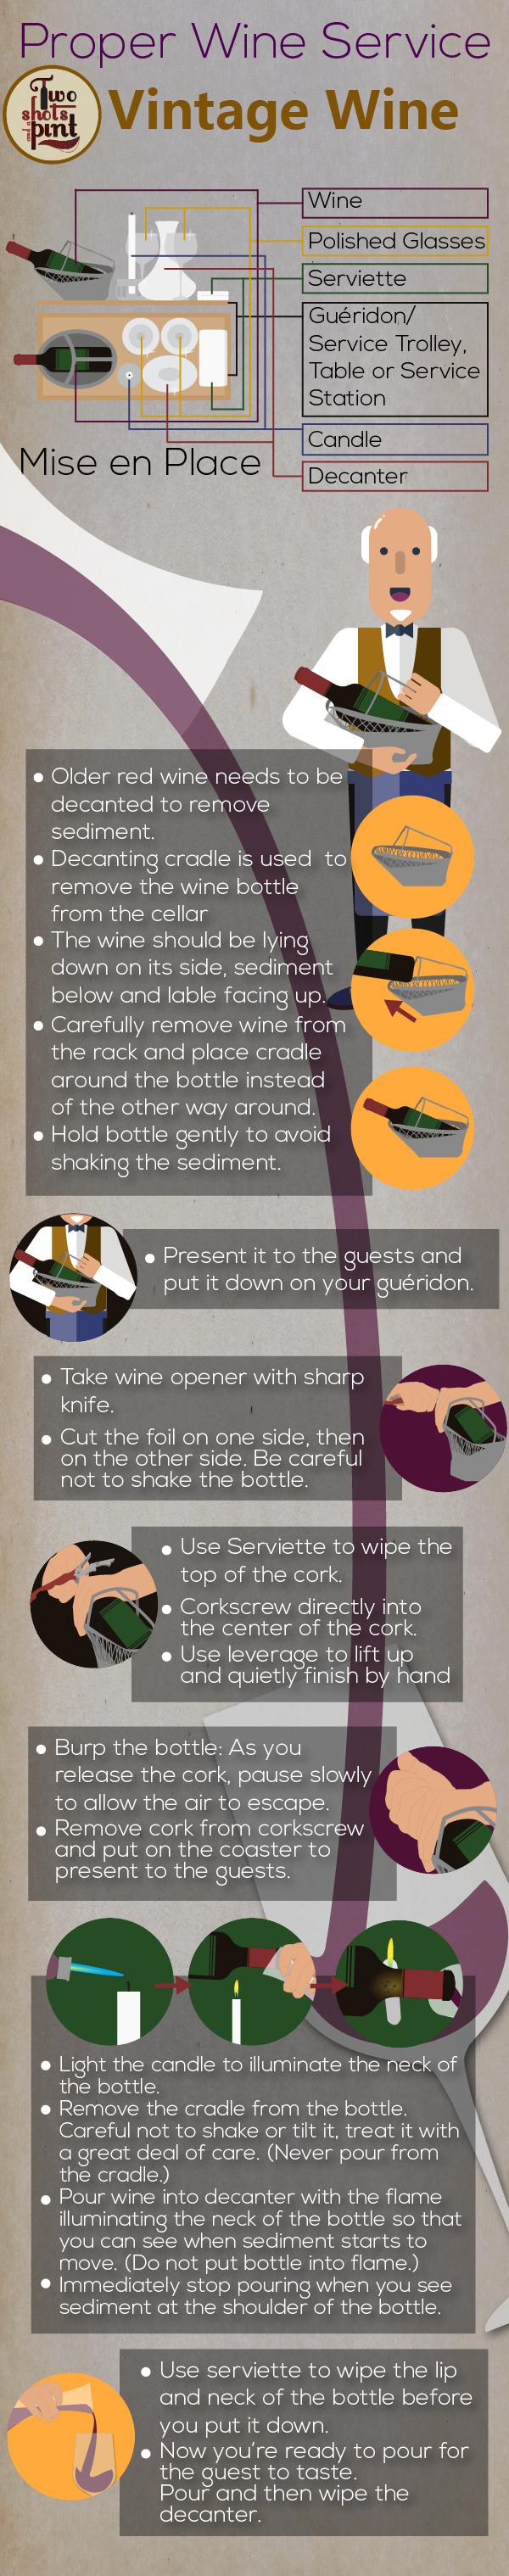 Infographic 3_Proper Wine Service_Vintage_V1_022617-01